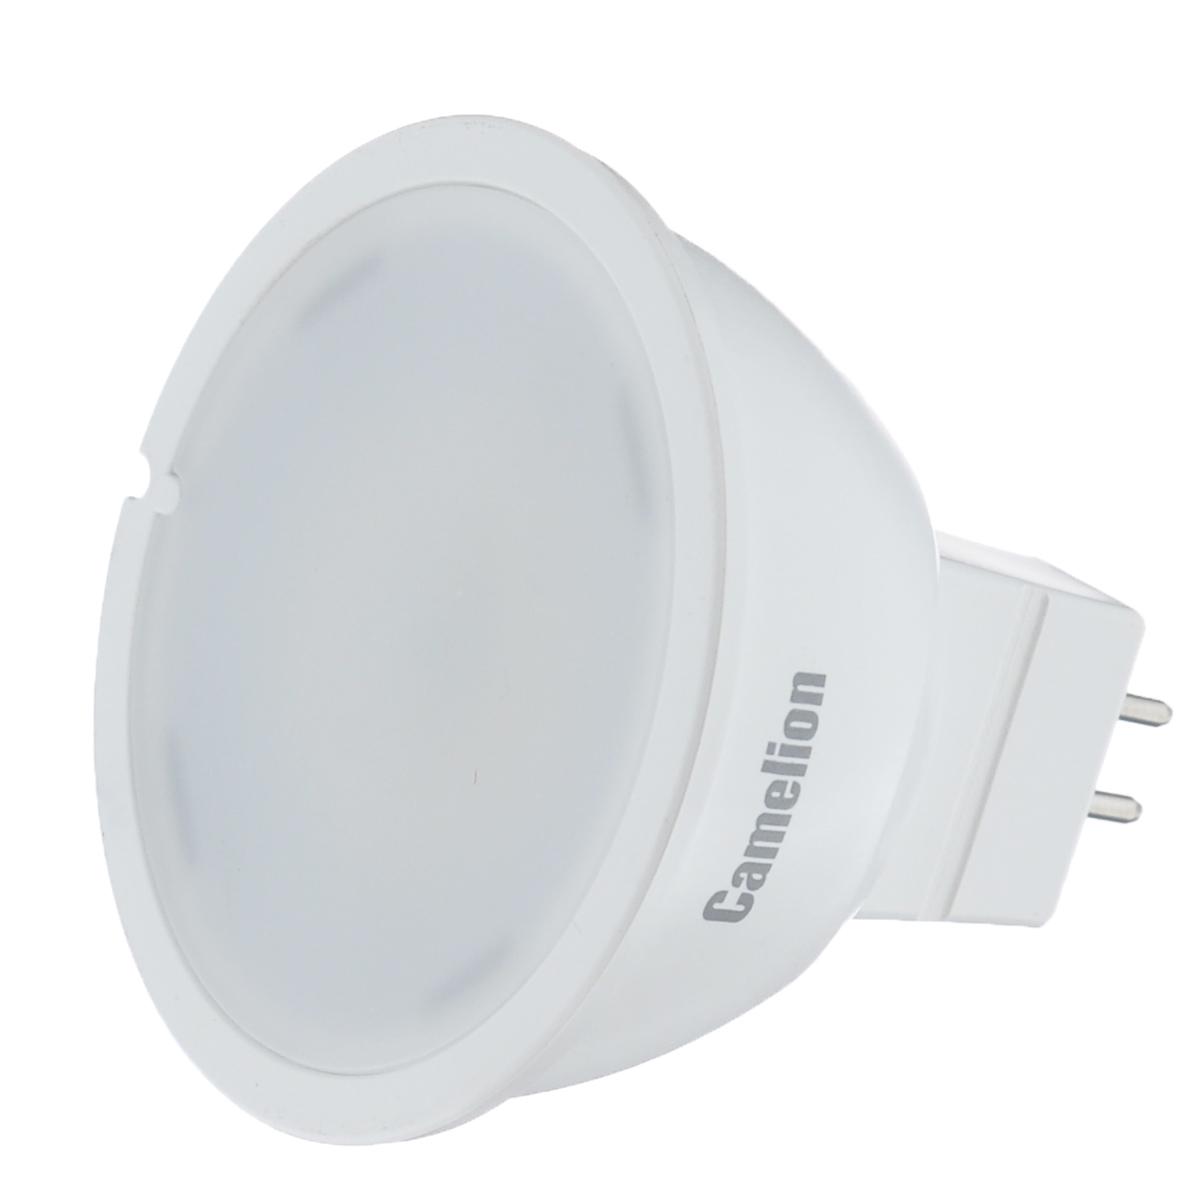 Светодиодная лампа Camelion Led, холодный свет, цоколь GU5.3, 6 WC0027371Светодиодная лампа Camelion Led Ultra применяется для замены энергосберегающей лампы или лампы накаливания в точечных и направленных источниках света. При этом она сэкономит ваши деньги за счет минимального потребления электроэнергии и долгого срока службы. Так же эта лампа обладает высоким индексом цветопередачи и не мерцает, что делает ее свет комфортным для глаз. Нагрев LED лампы минимален, что позволяет использовать ее в натяжных потолках и других конструкциях, требовательных к температурному режиму. При производстве светодиодных ламп не используются вредные вещества, в том числе ртуть, поэтому не требует утилизации. Рабочий диапазон напряжений - 220-240В / 50Гц. Индекс цветопередачи: 77+.Угол светового пучка: 100°.Цветовая температура: 4500 K.